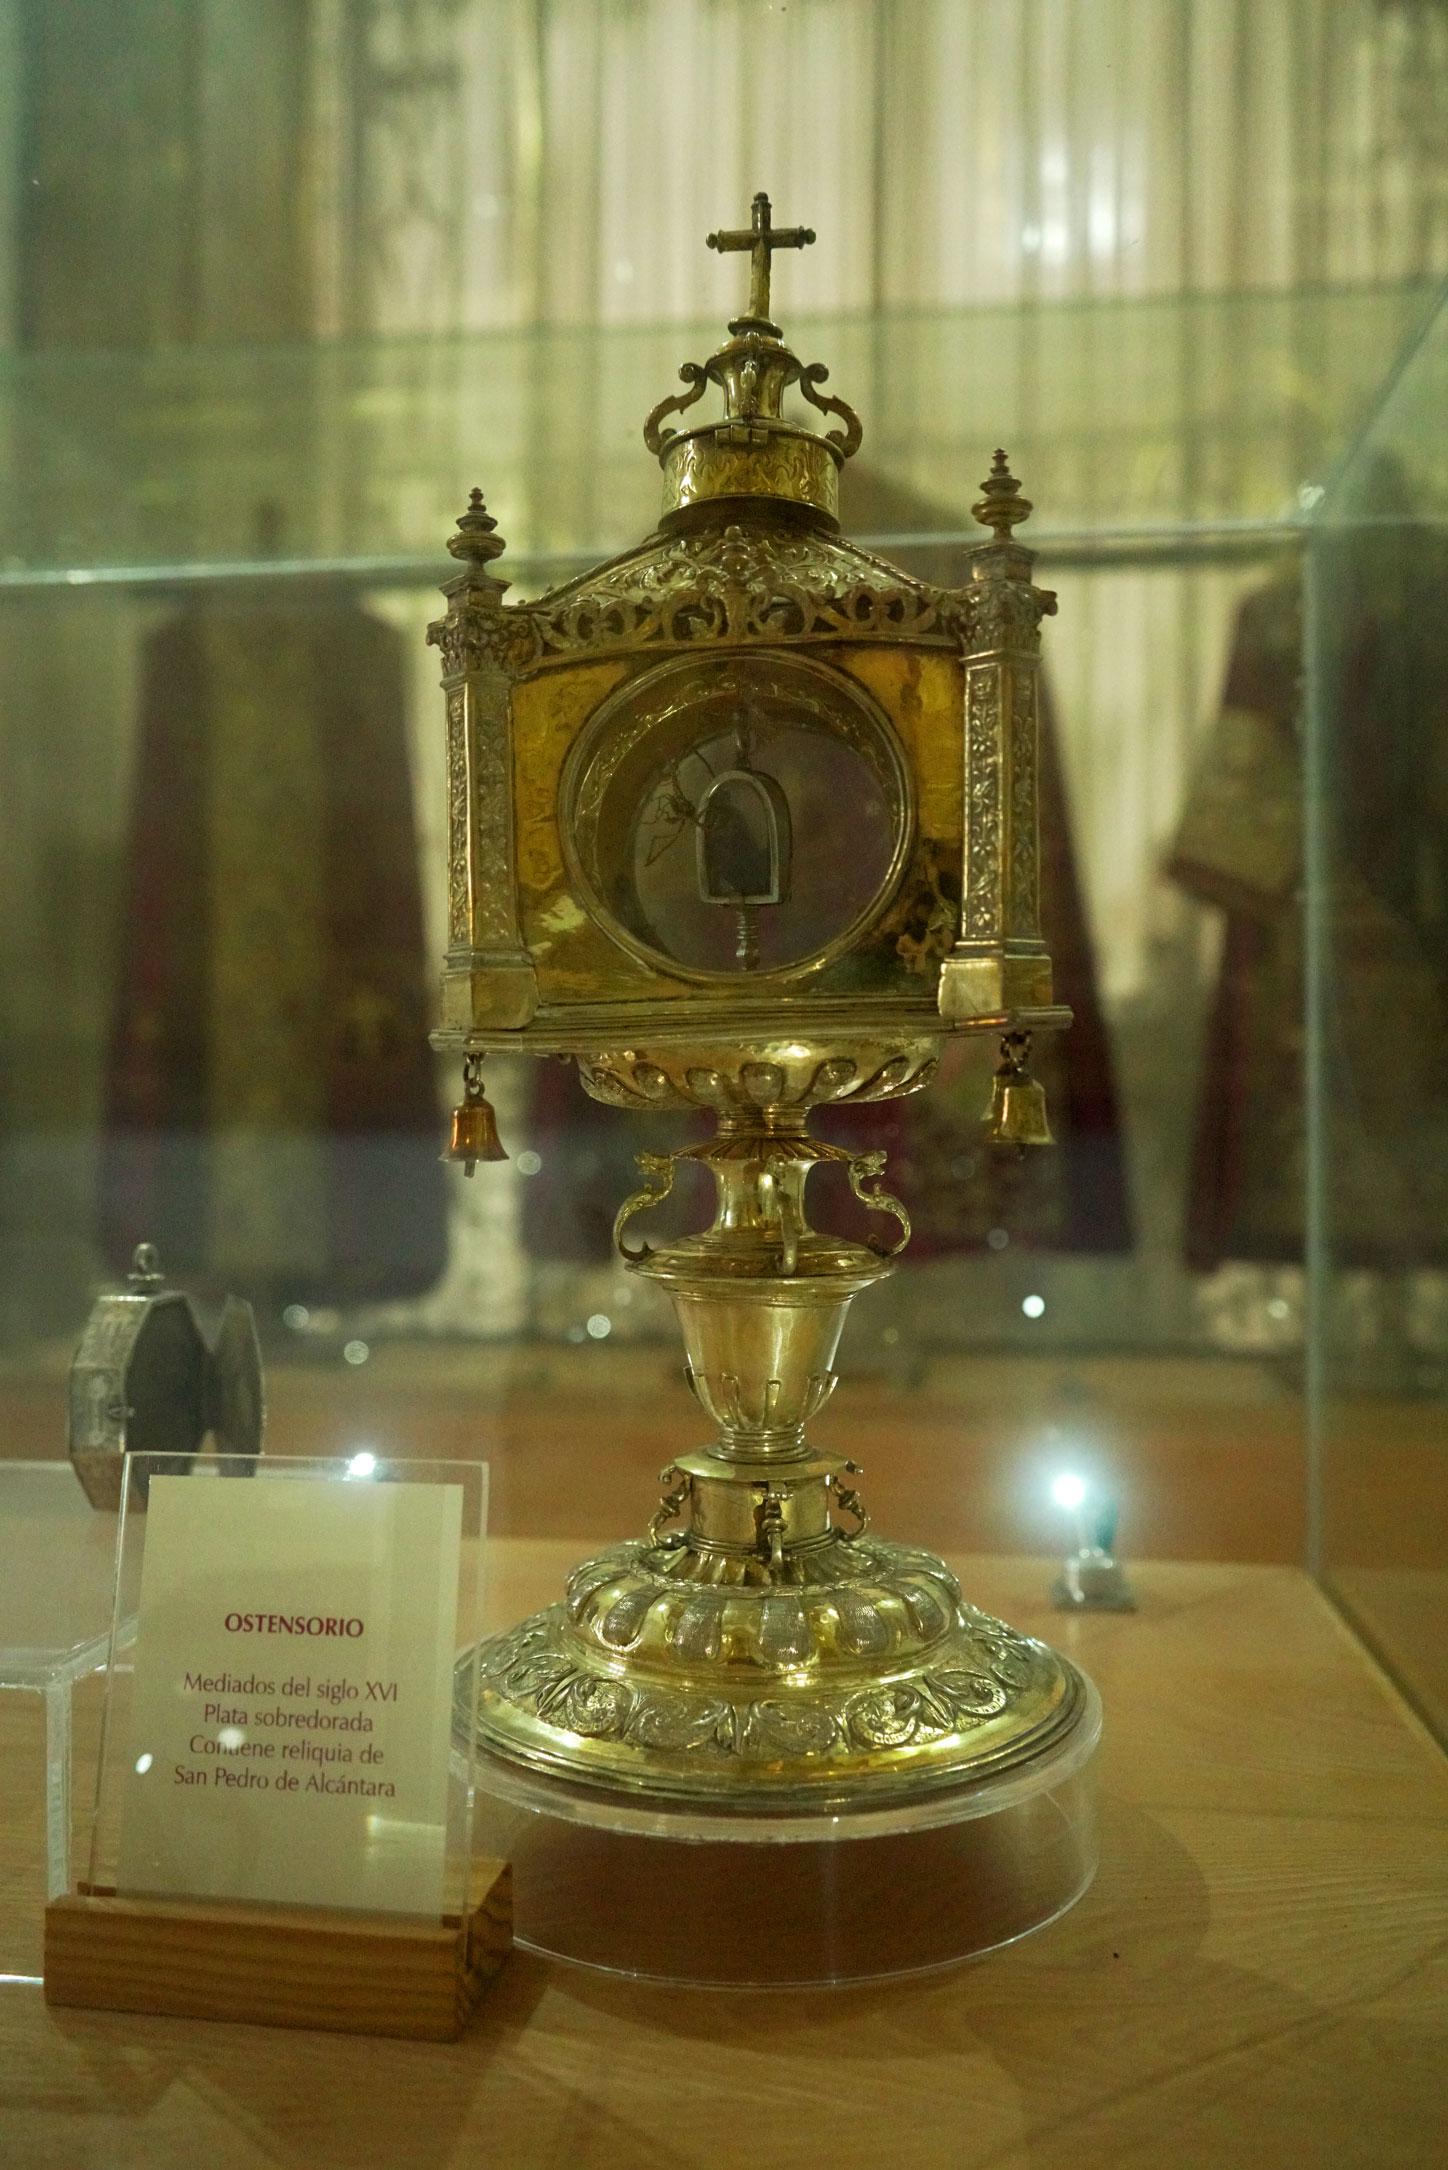 Relic San Pedro de Alcántara